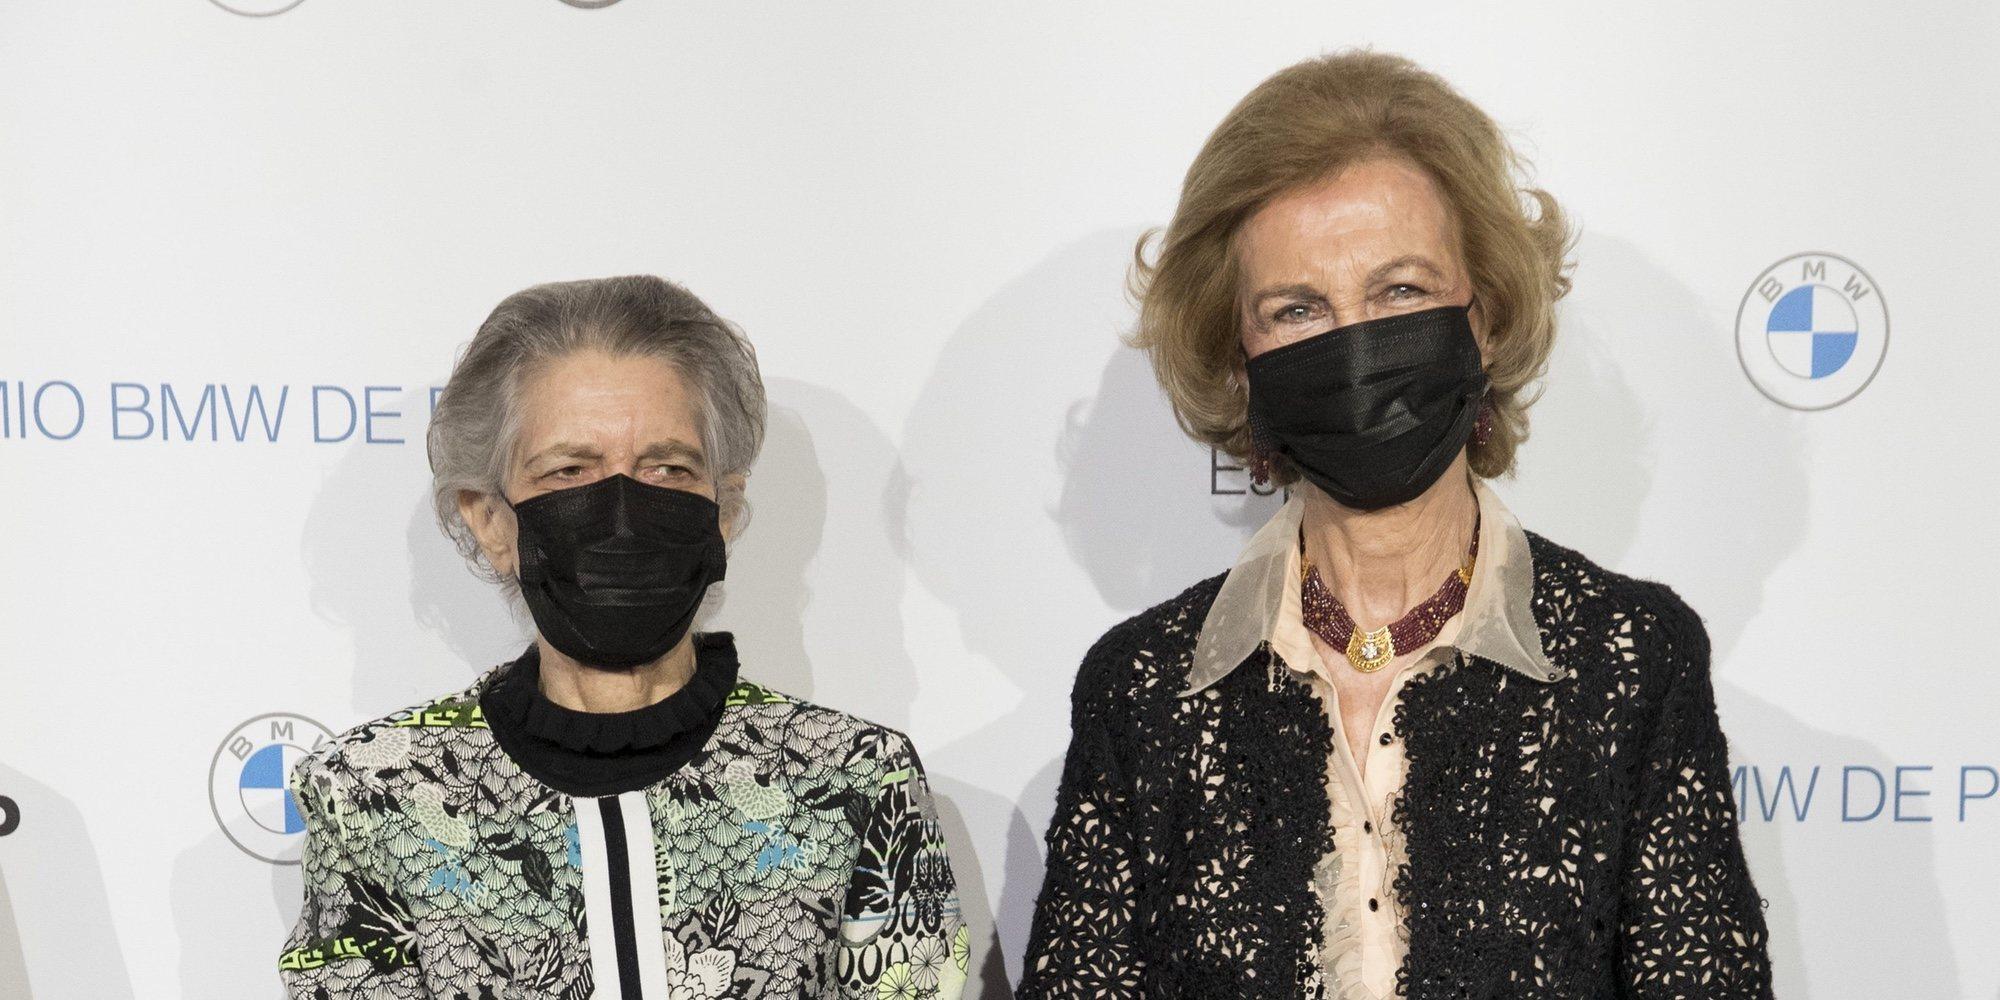 Los vítores y aplausos a la Reina Sofía en el Teatro Real durante la entrega de los Premios de Pintura BMW